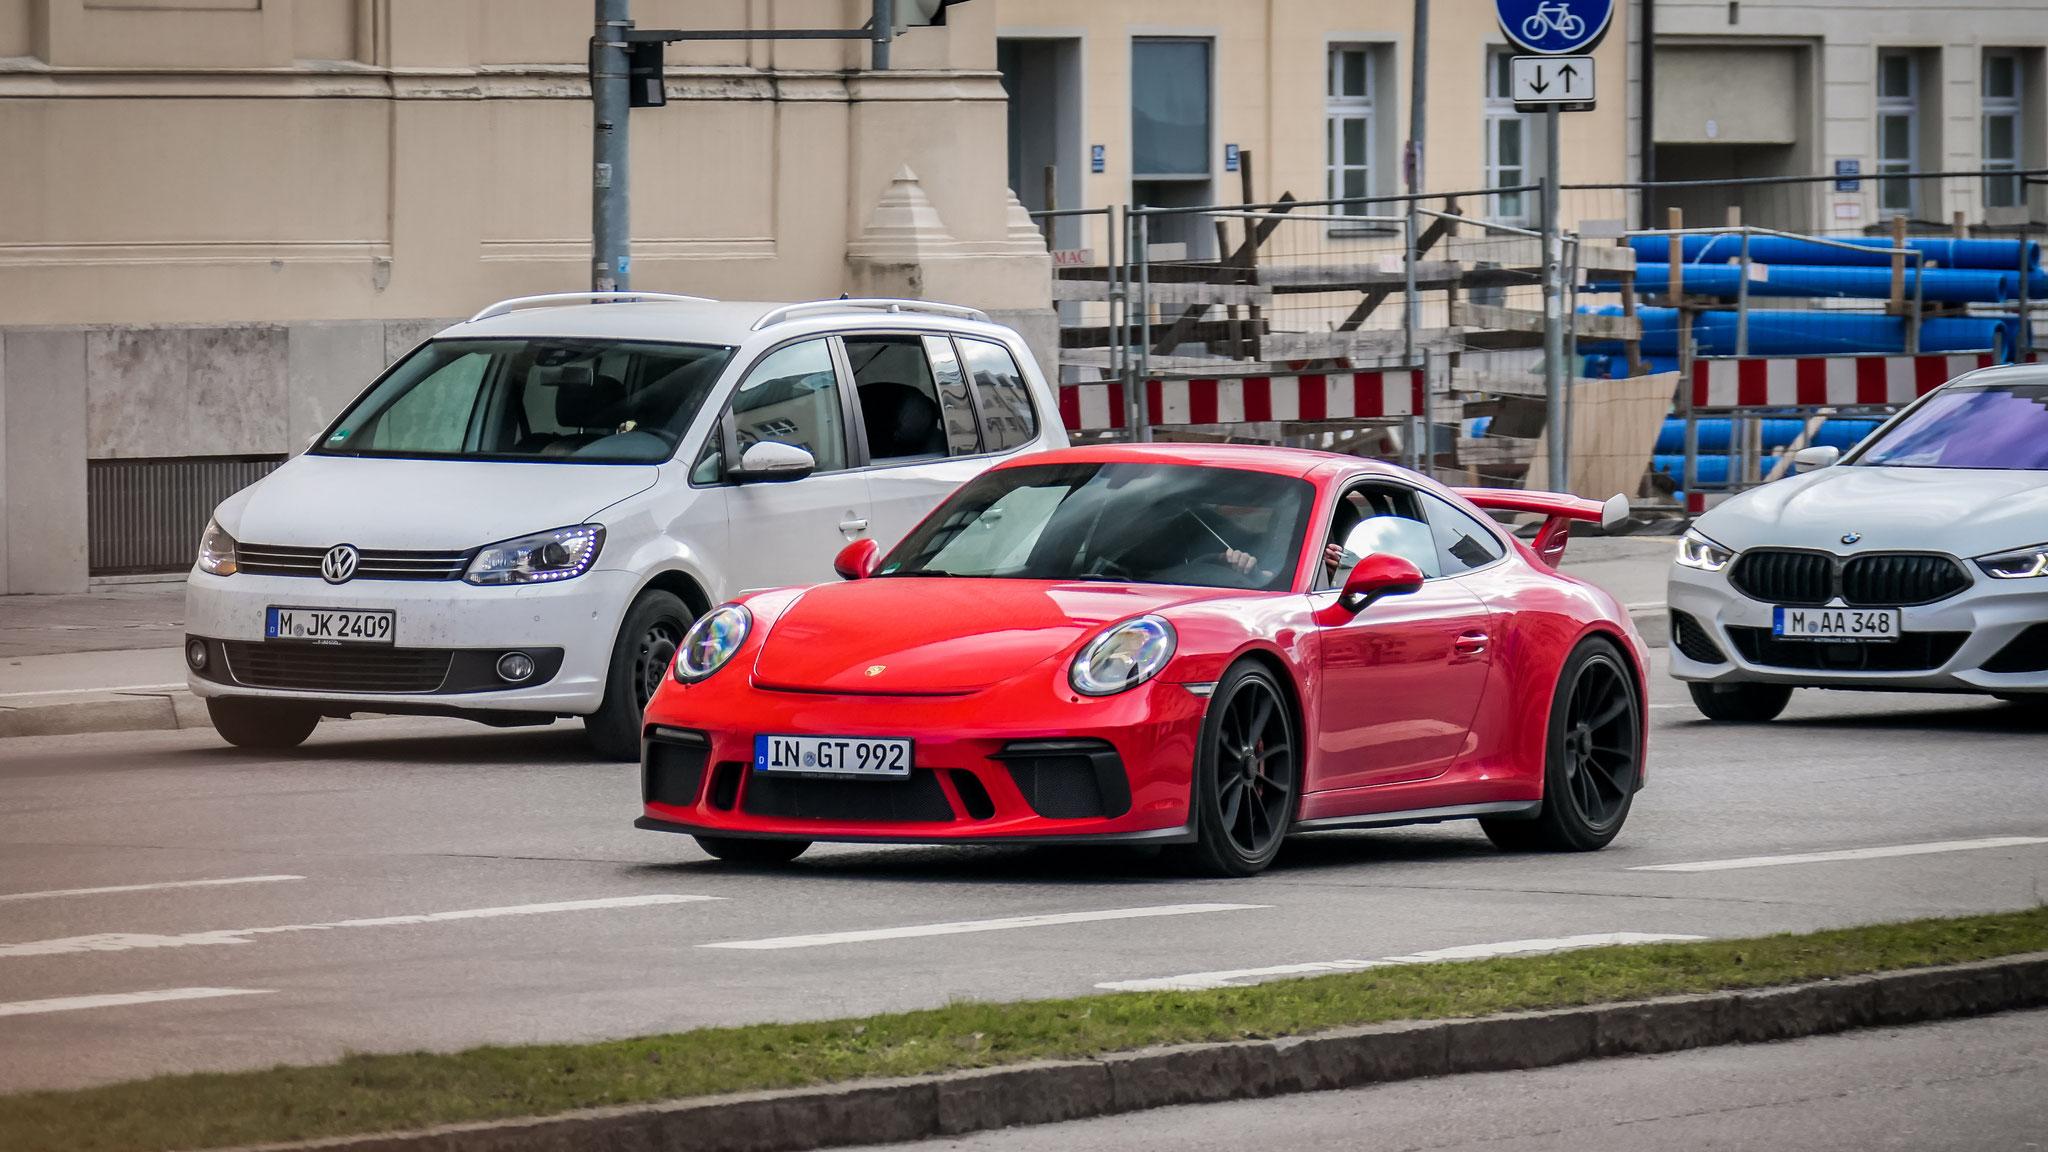 Porsche 991 GT3 - IN-GT-992